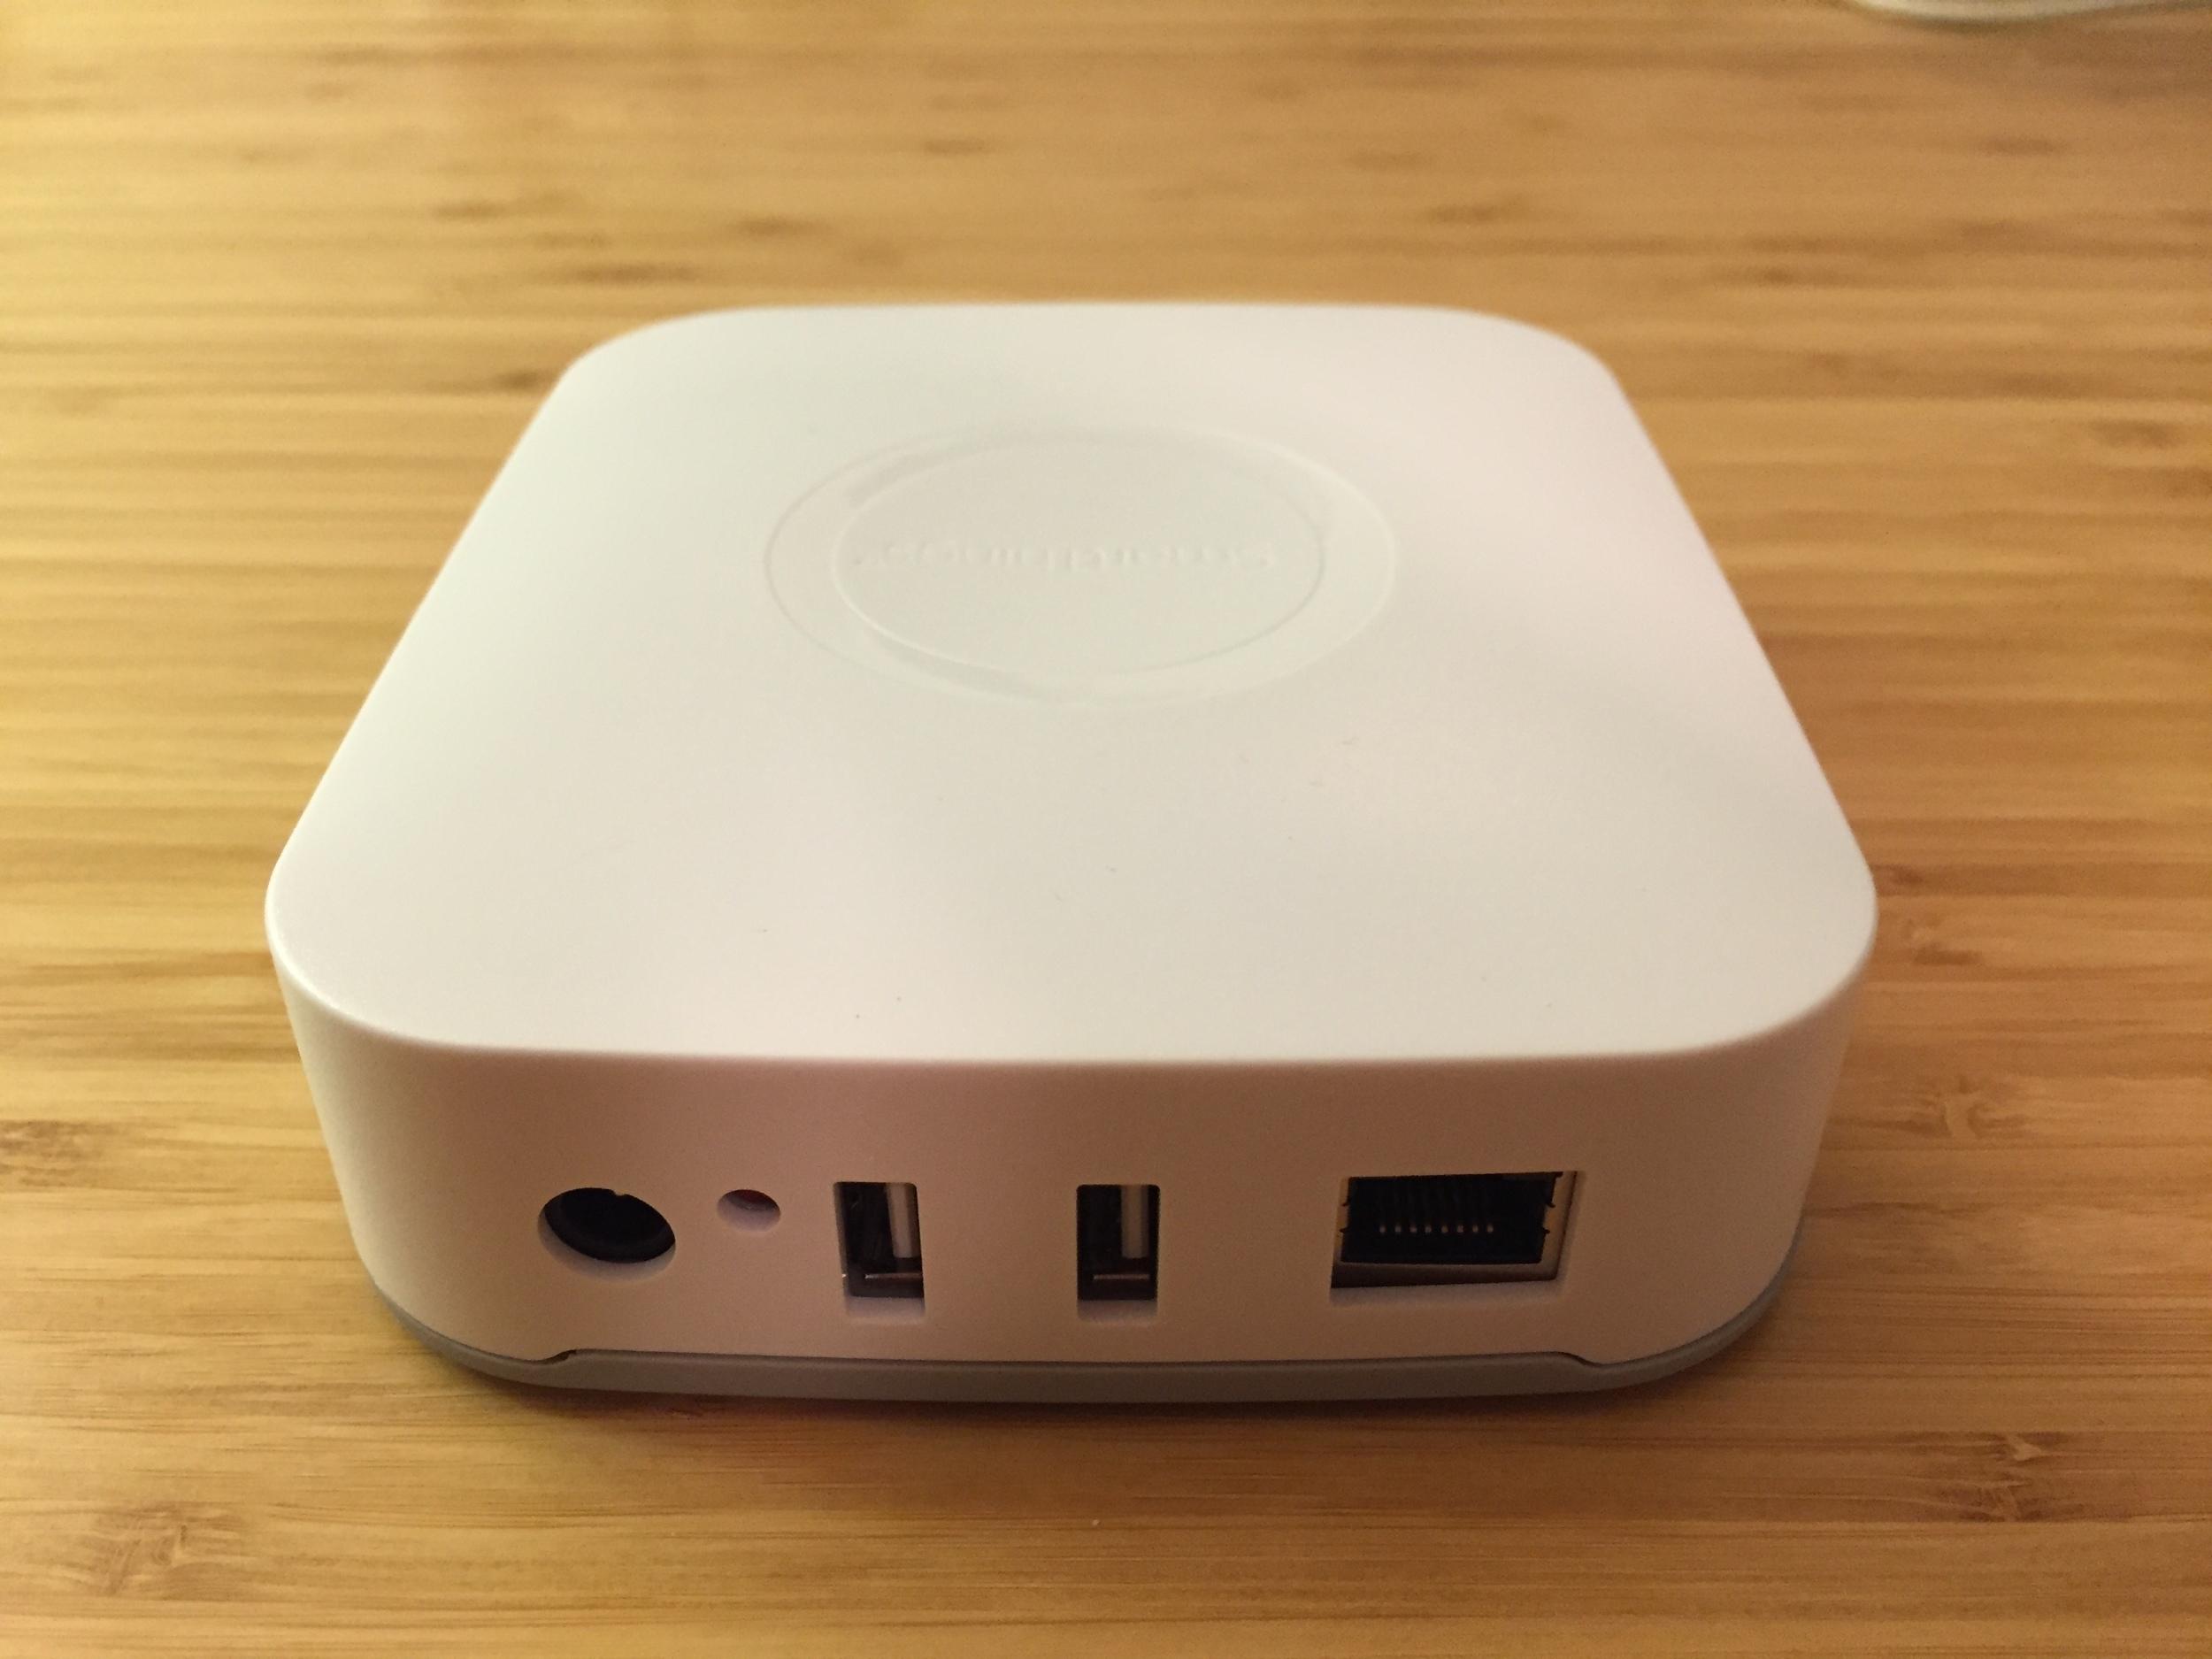 SmartThings hub. See it on Amazon.